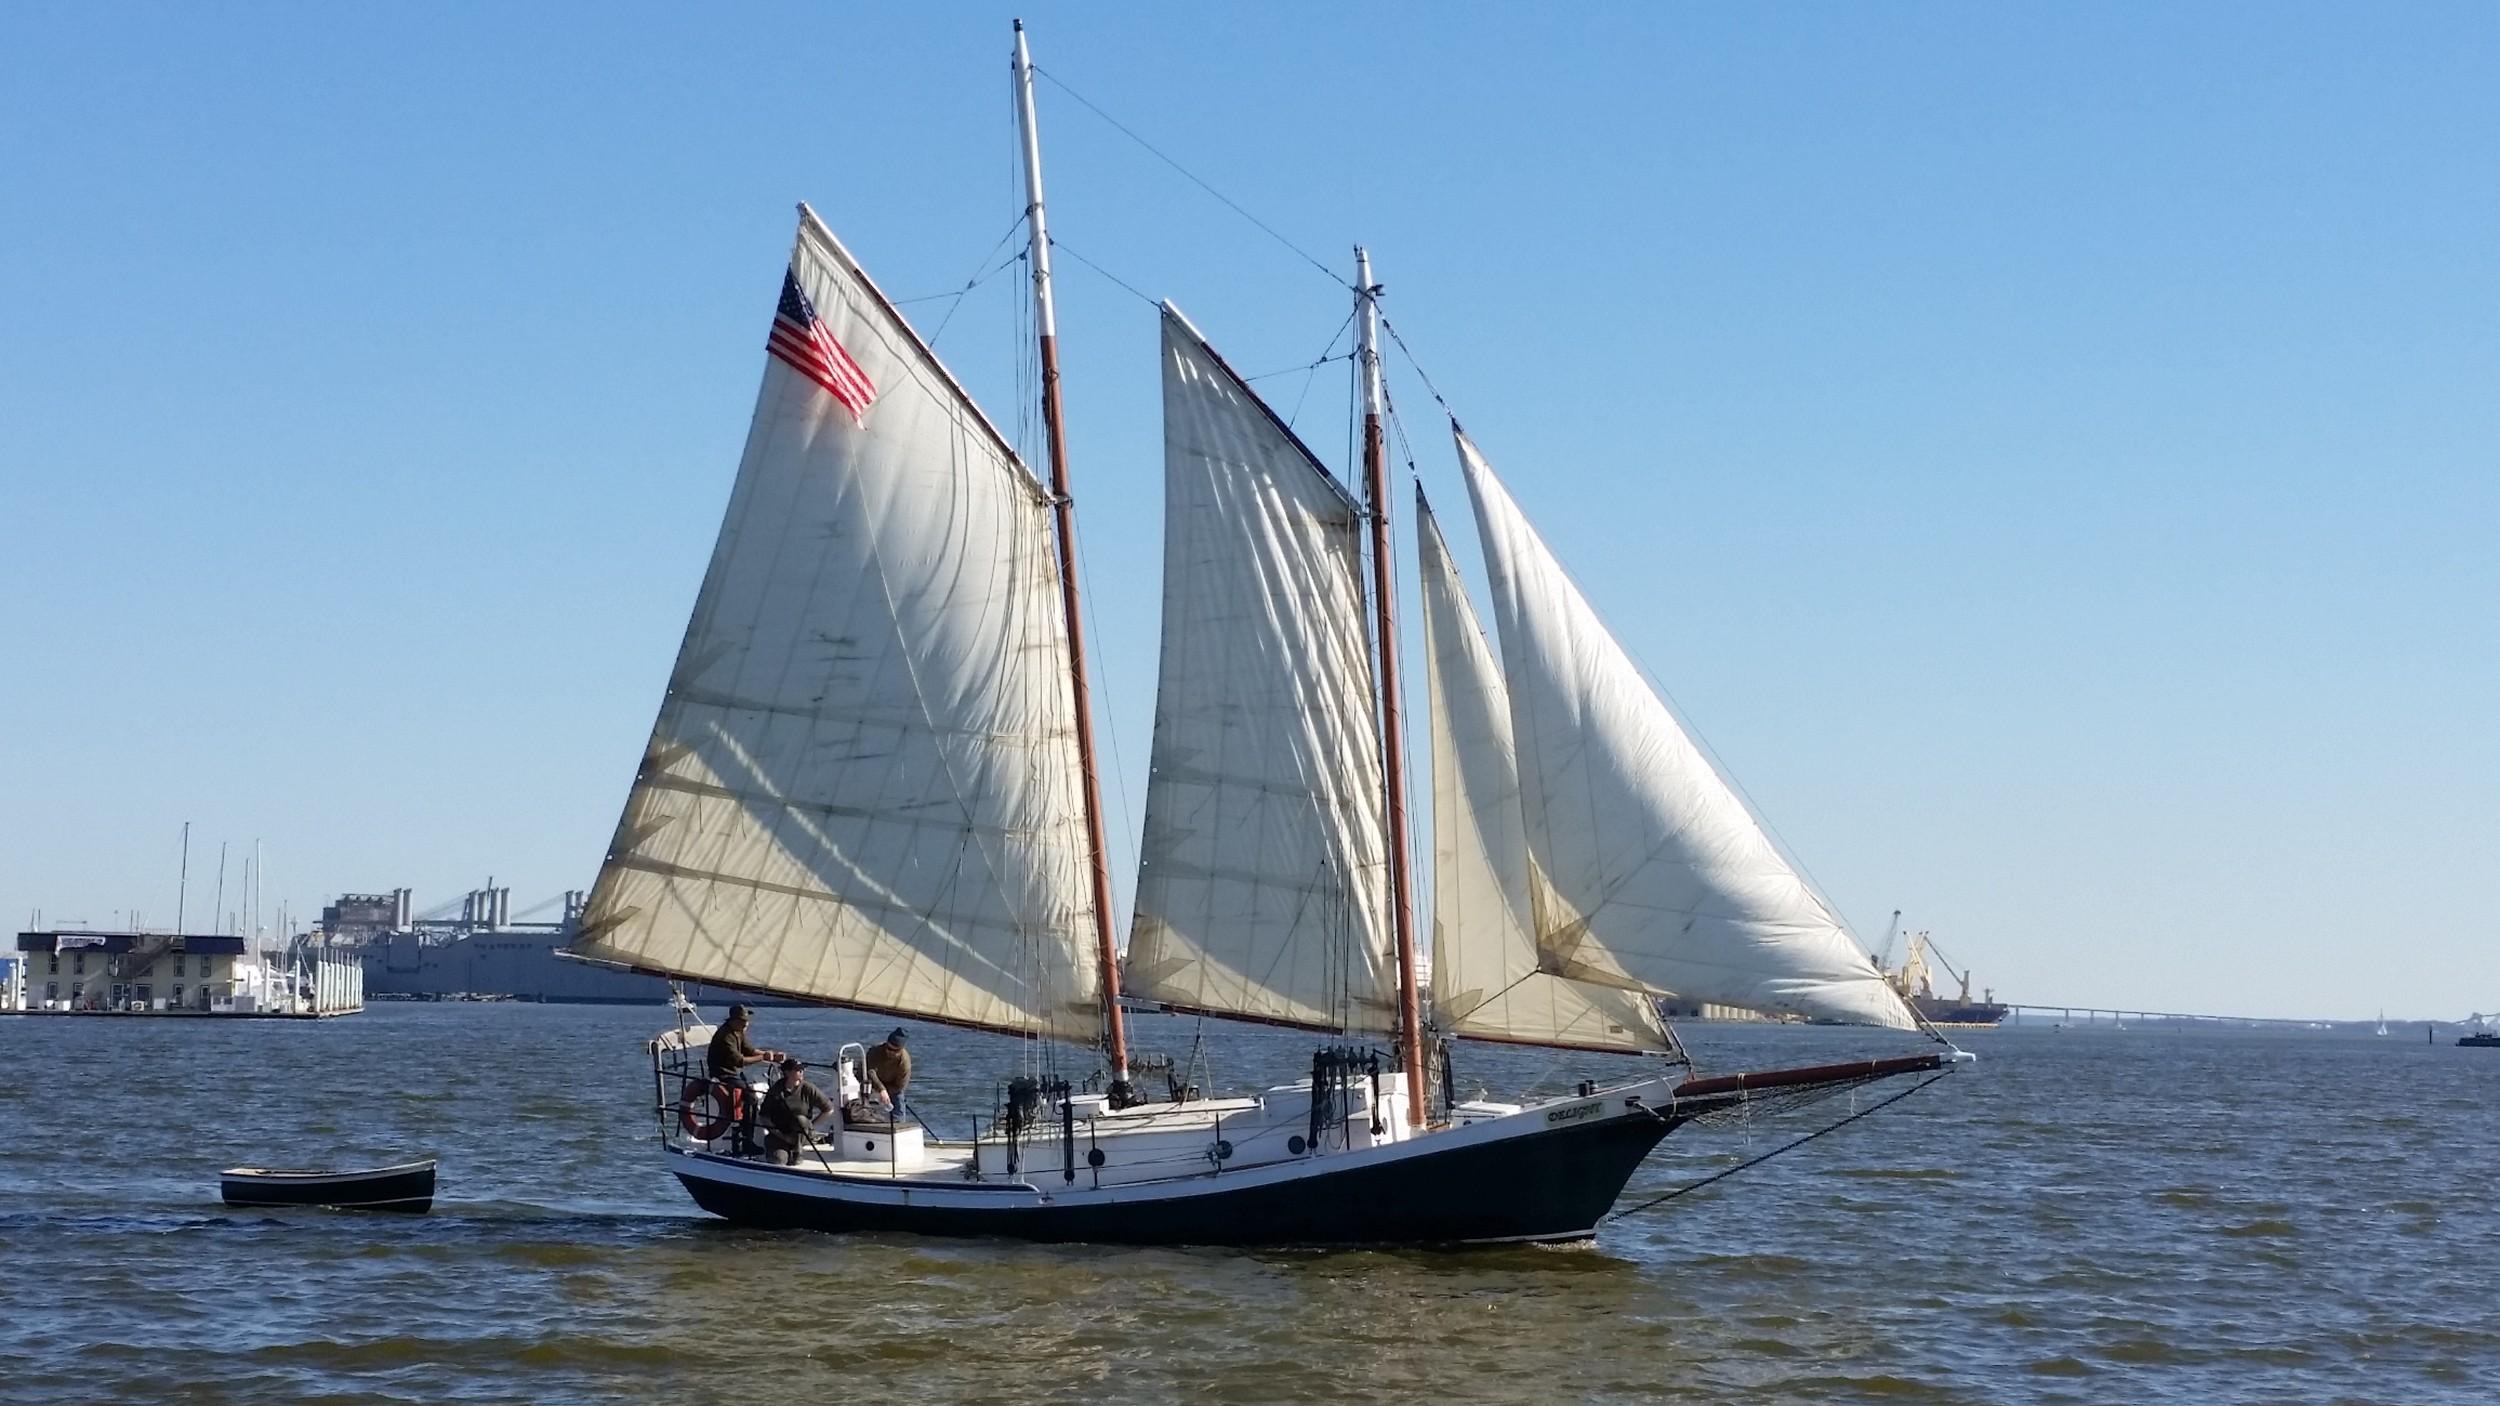 Sailing a Tom Colvin Gaff Rigged Schooner — Rigging Doctor